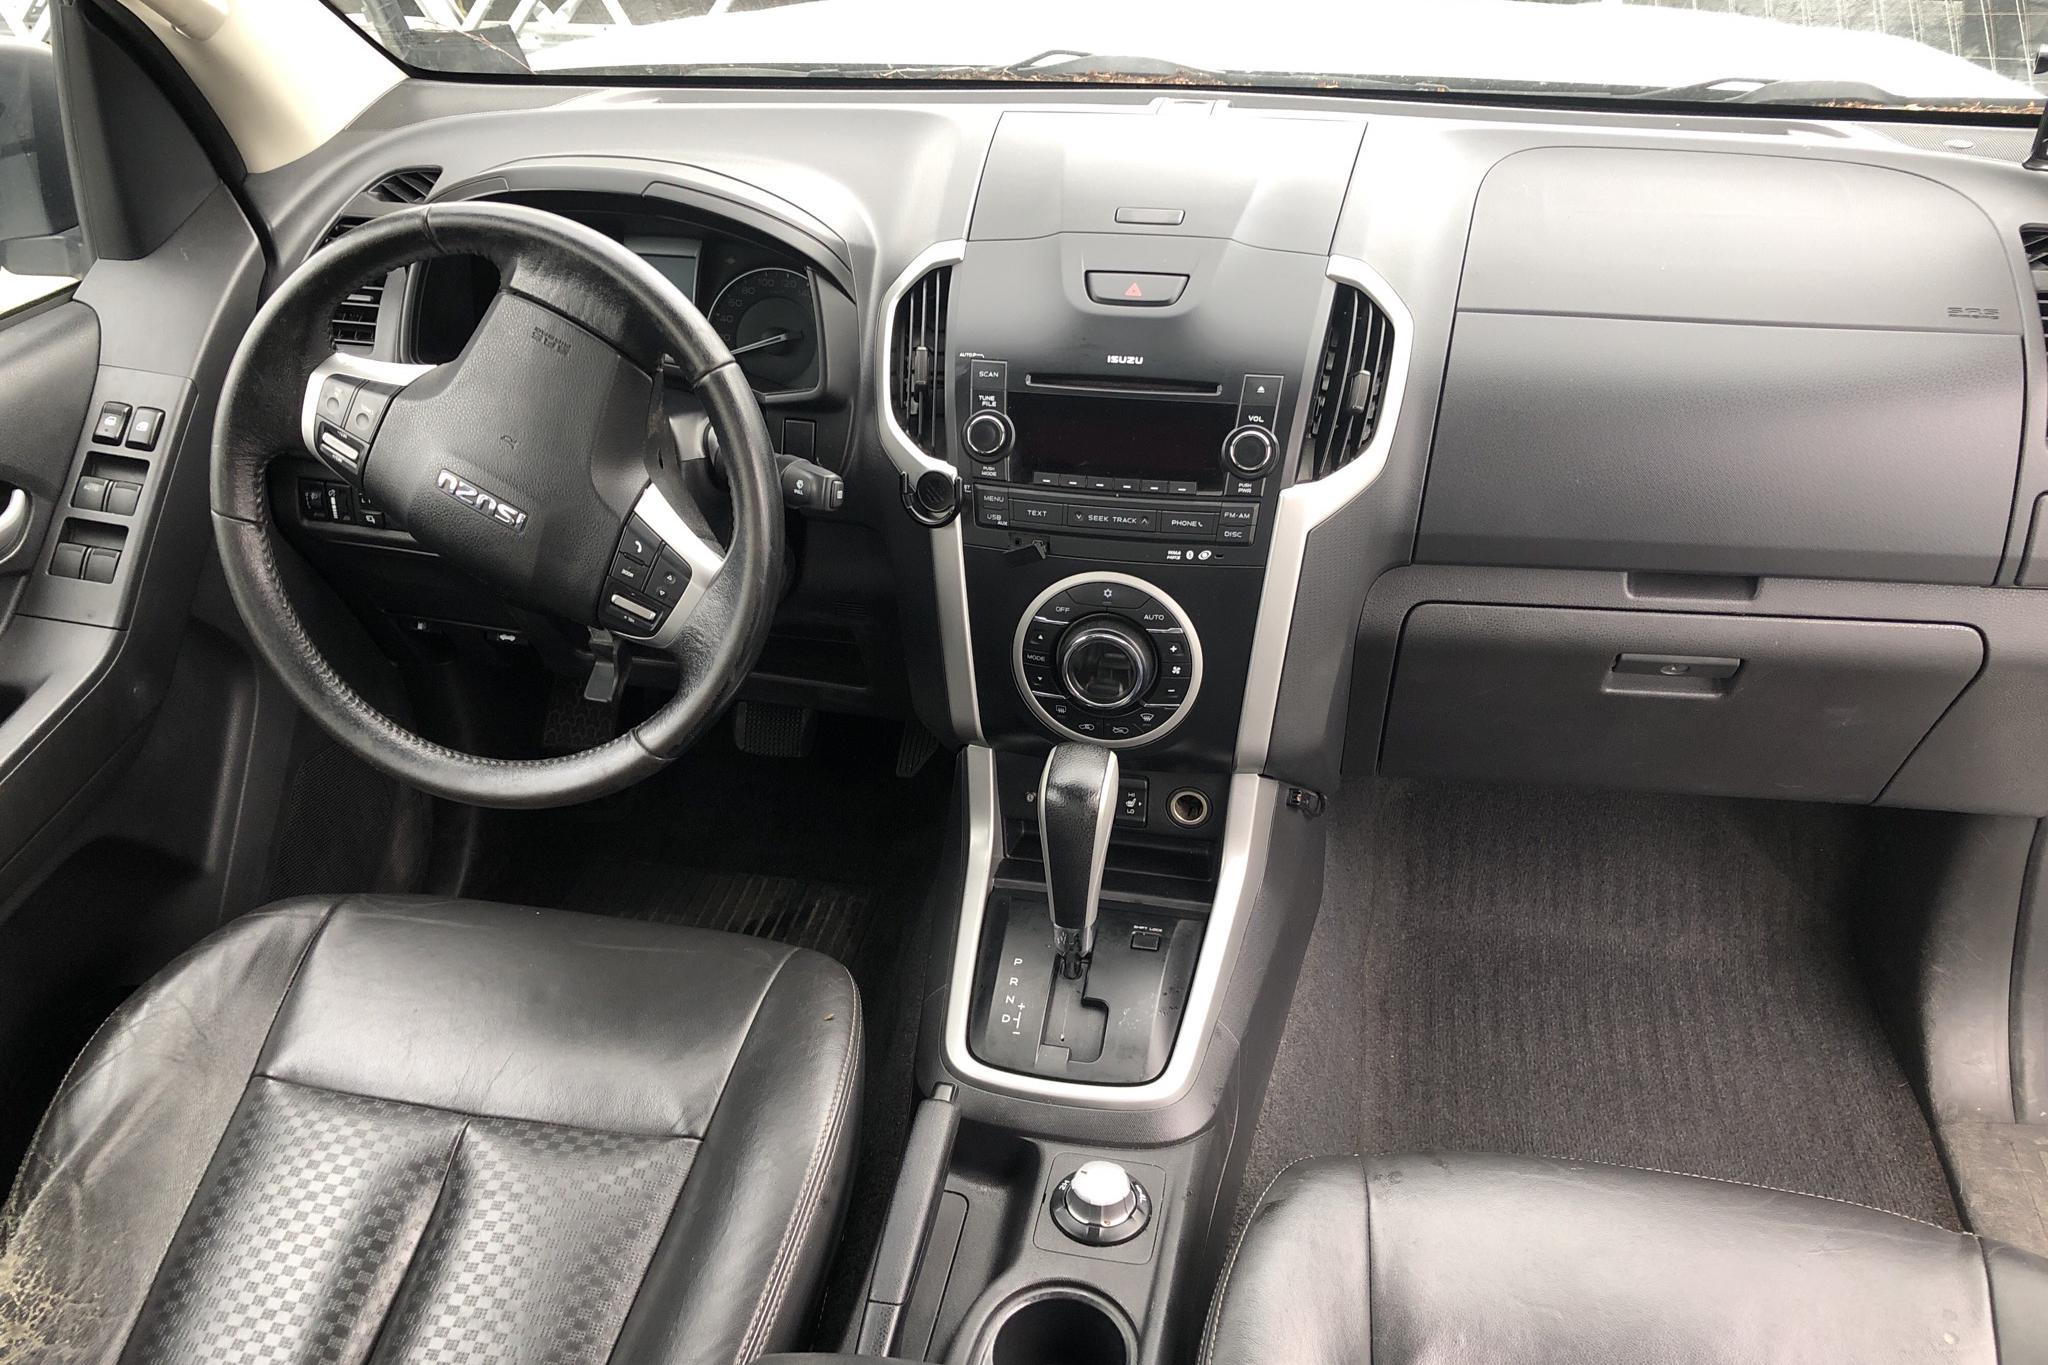 Isuzu D-MAX 2.5 DDI 4WD (163hk) - 13 691 mil - Automat - vit - 2014